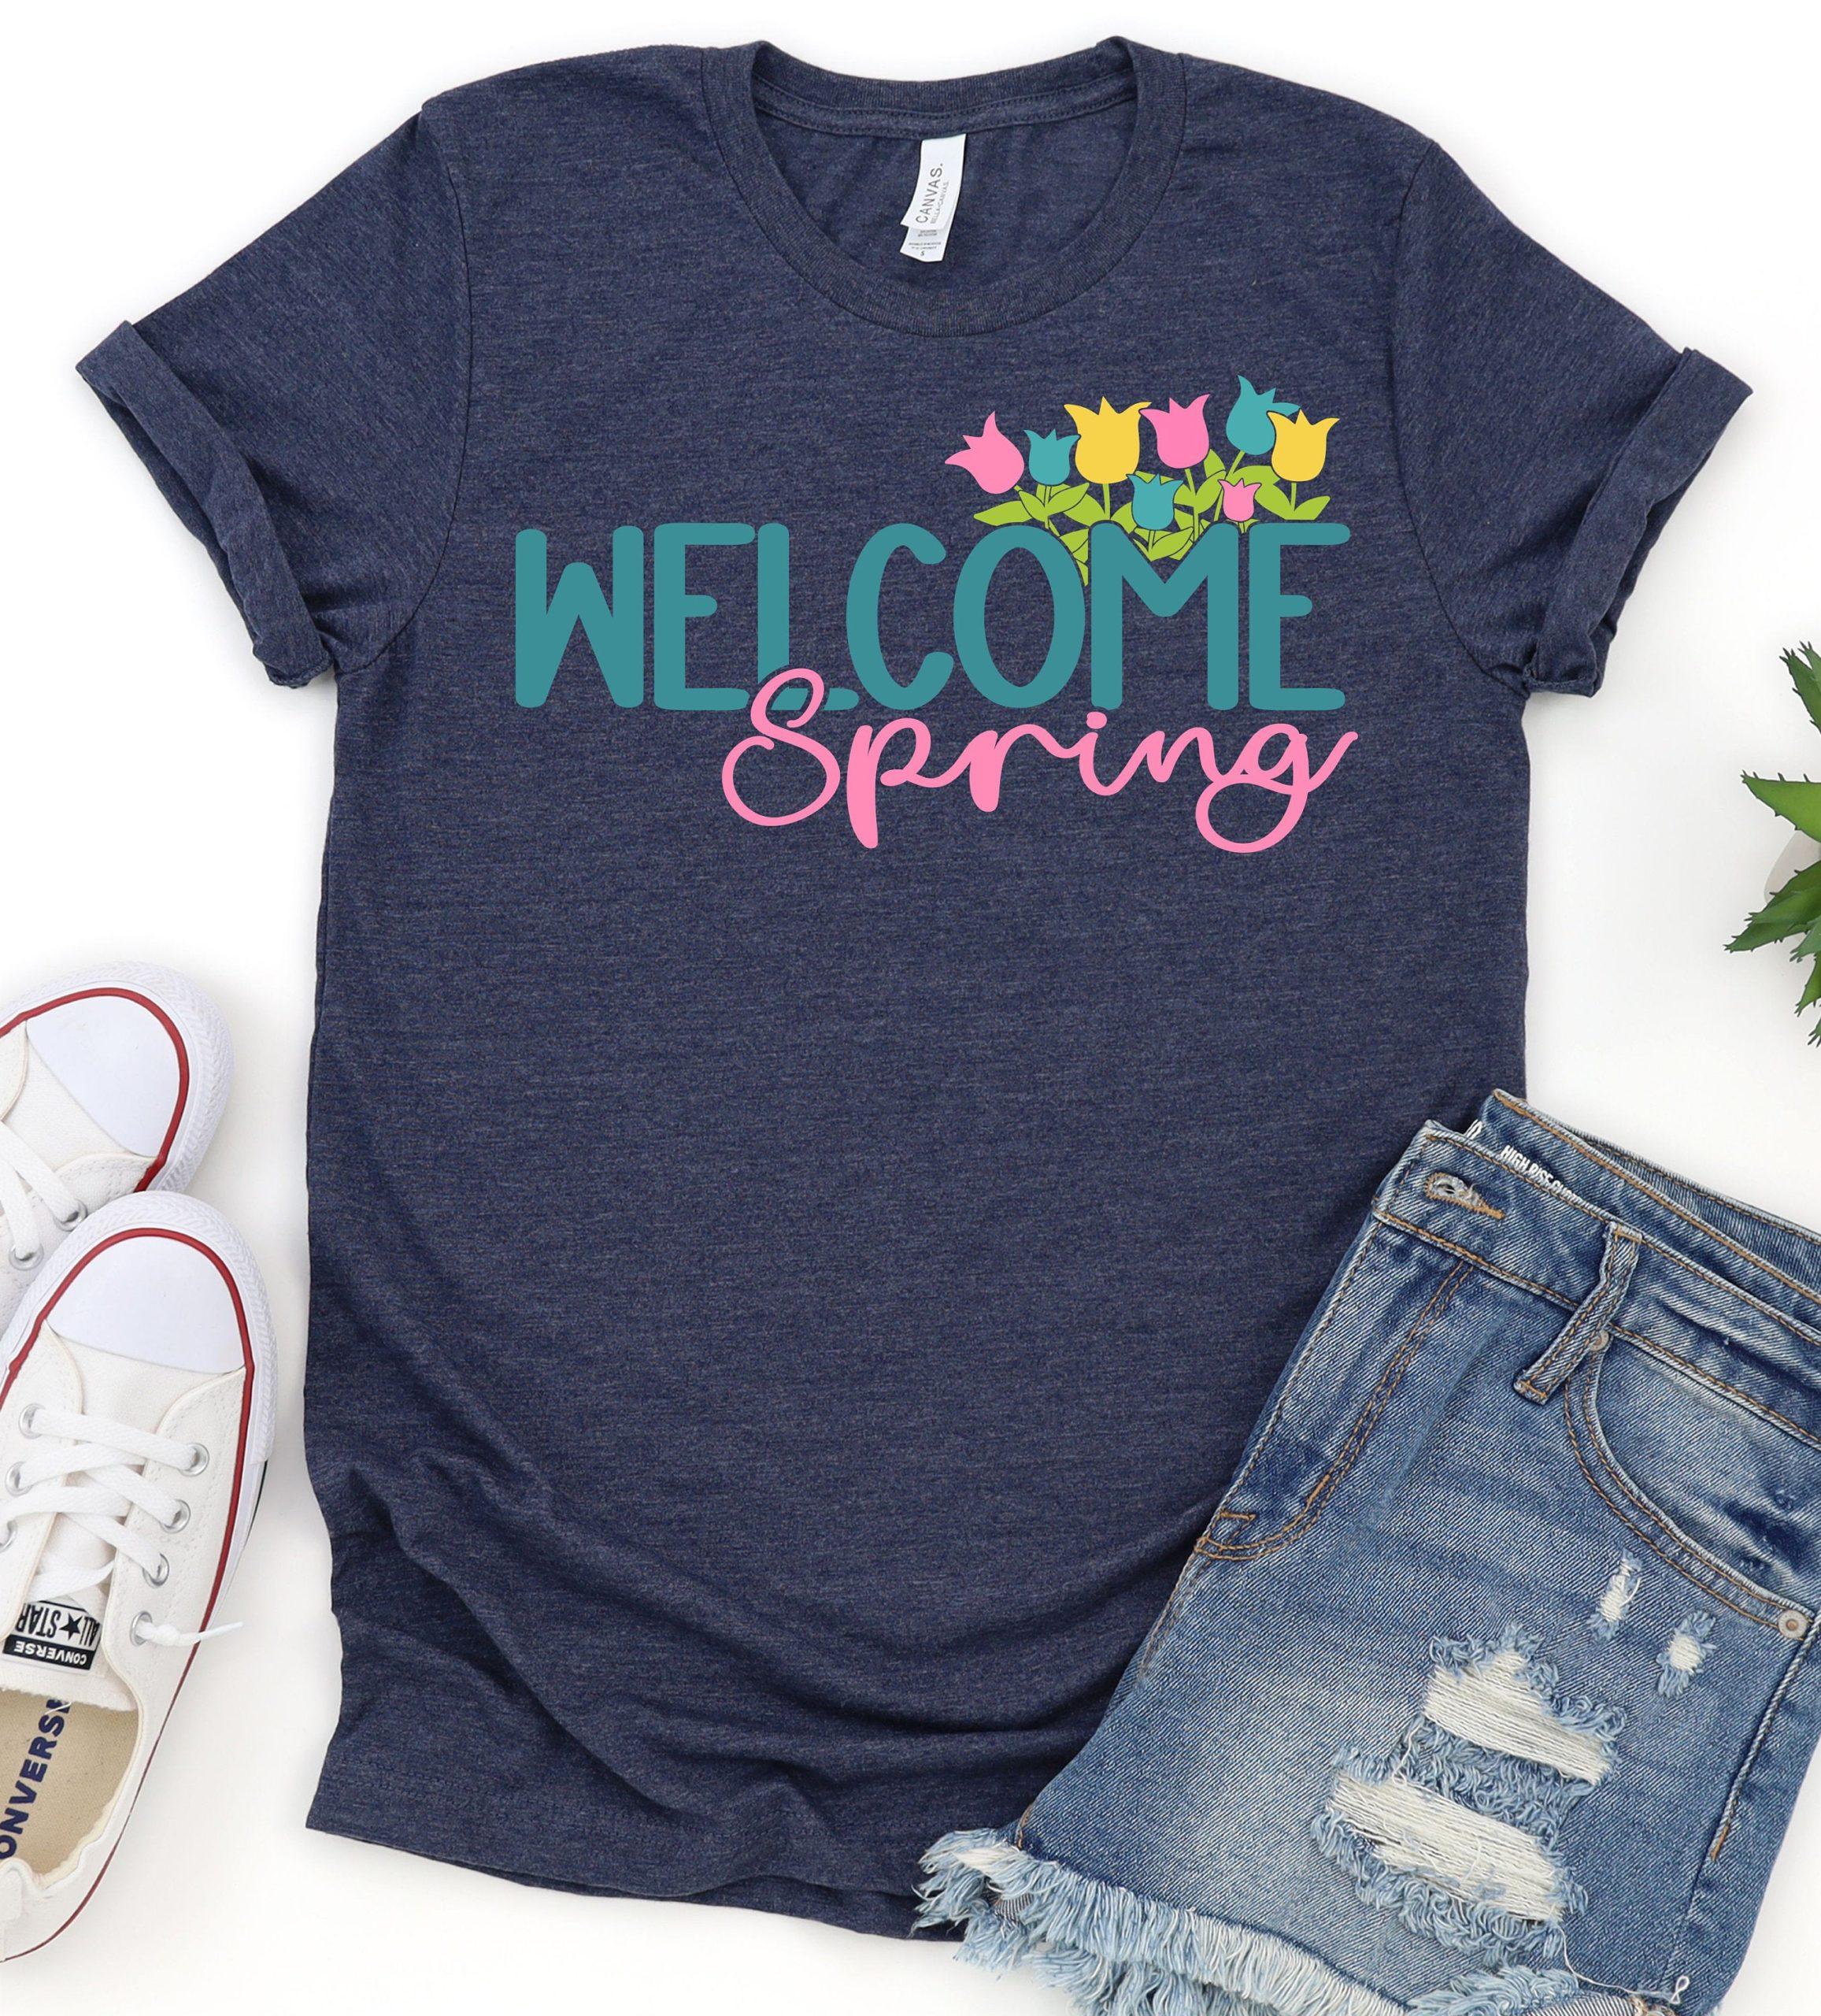 Spring-svg-welcome-spring-svg-spring-svgs-welcome-sign-svg-flowers-svg-spring-svg-design-spring-cut-file-spring-cricut-60513a61